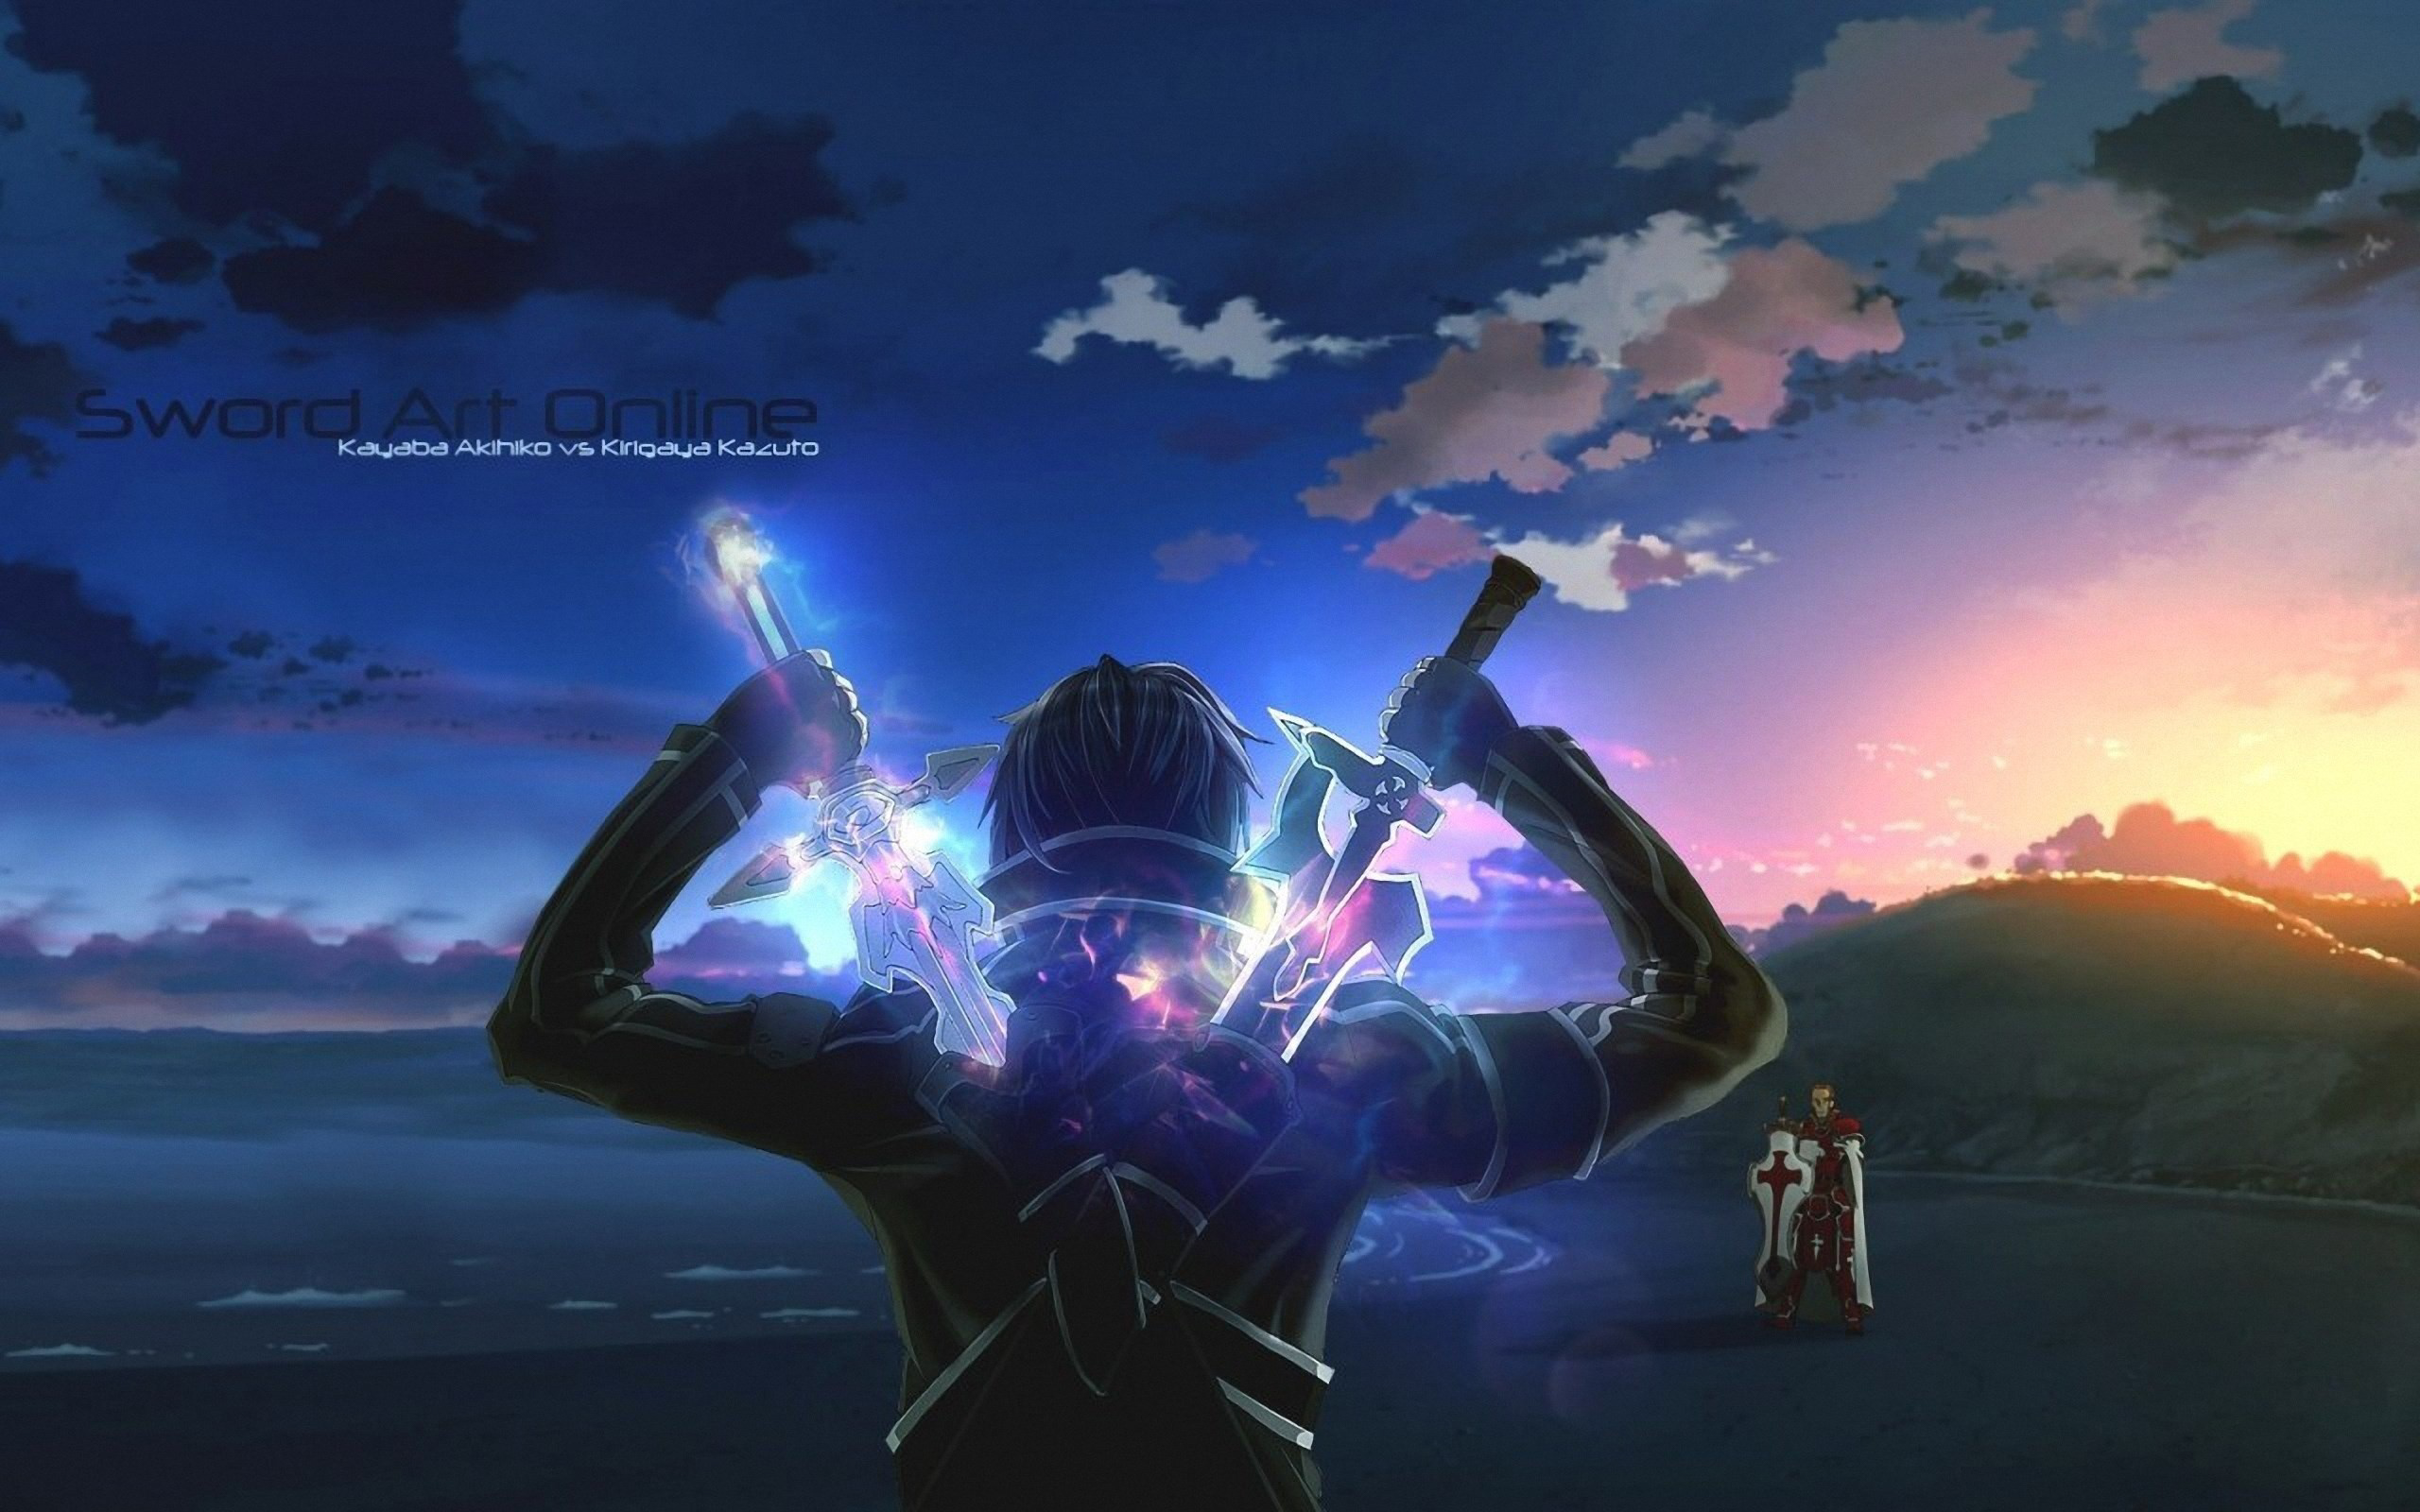 фото мастера меча онлайн